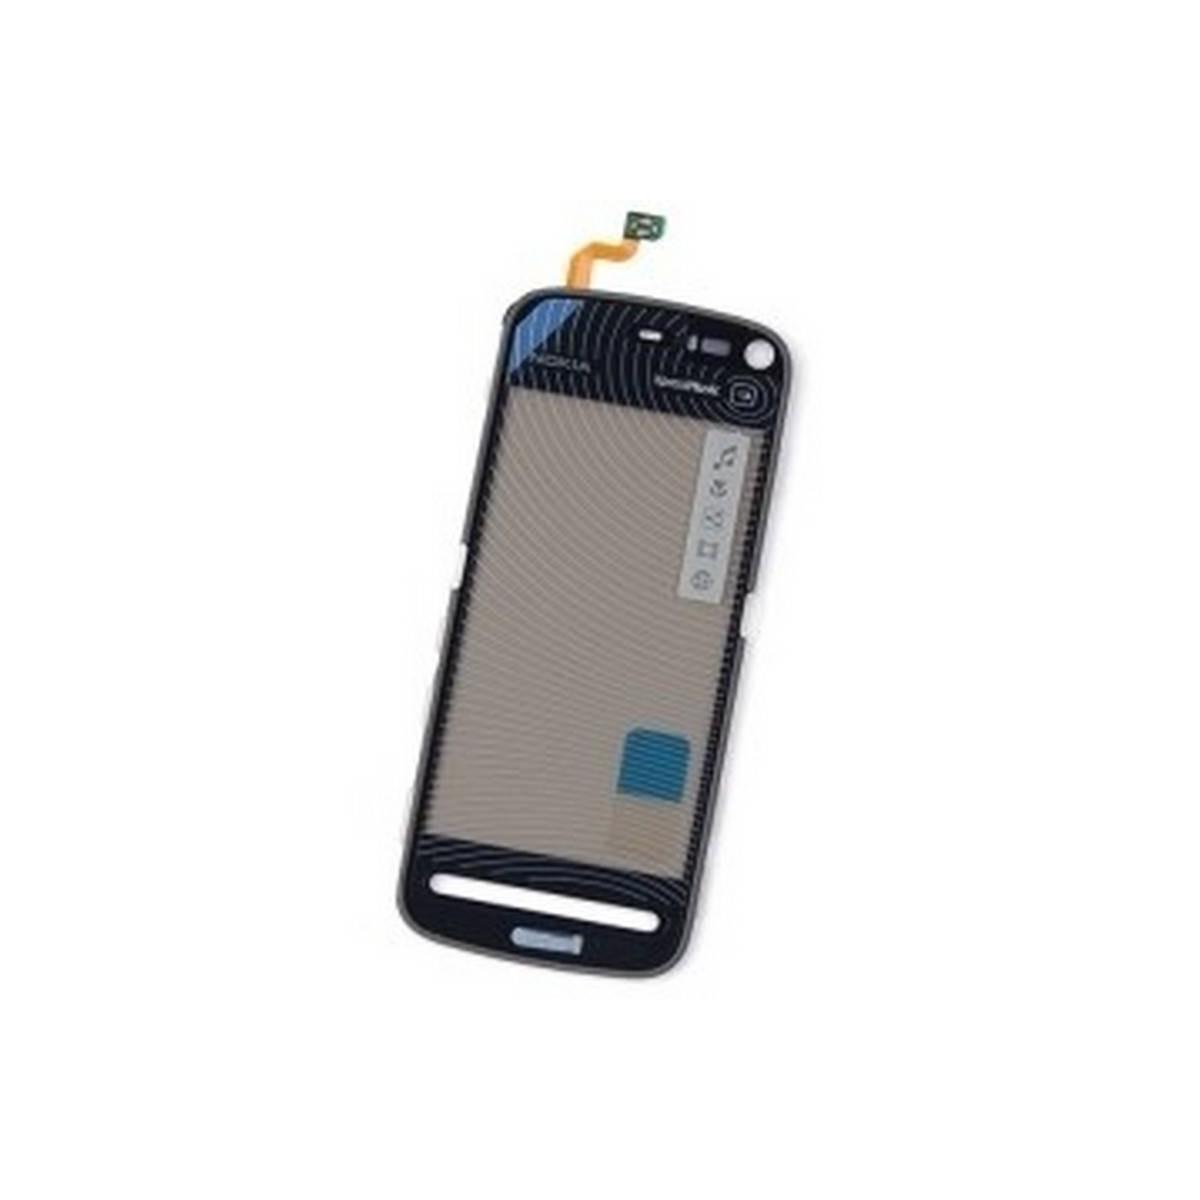 Ecrã táctil (Digitalizador) para Nokia 5800